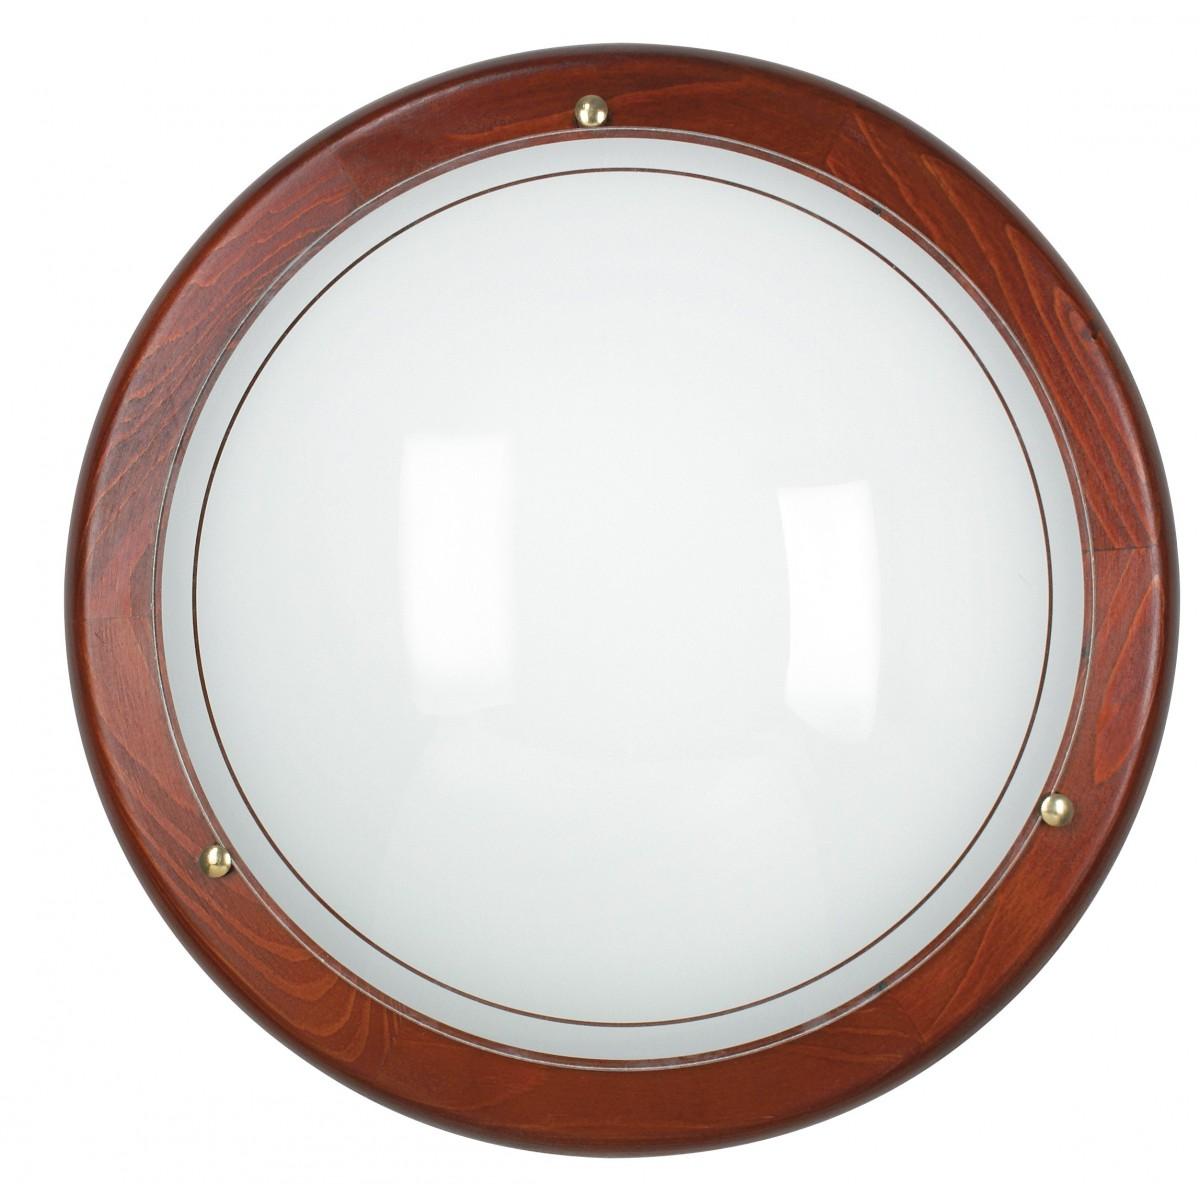 07 / 03812- Plafonnier rond en verre blanc avec cadre en bois Lampe classique E27